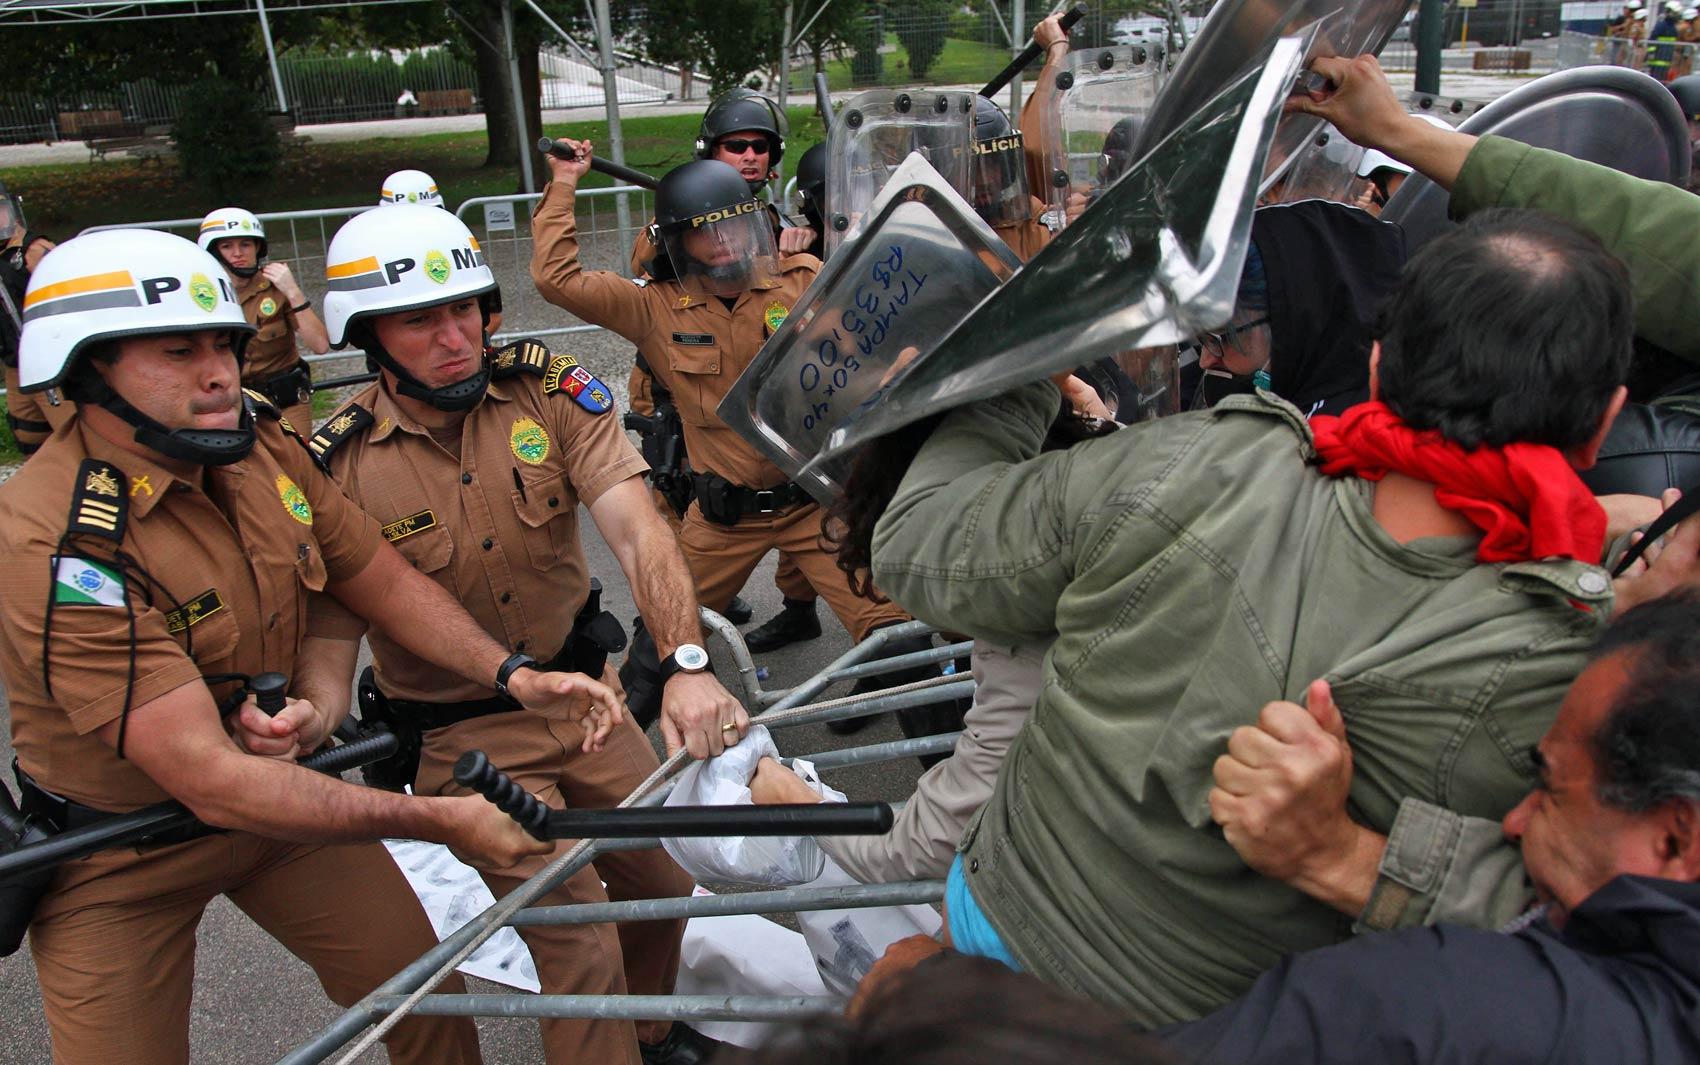 Policiais que faziam um cerco ao prédio da Assembleia Legislativa do Paraná (Alep) entram em confronto com manifestantes em Curitiba, durante protesto contra votação de projeto que promove mudanças na Previdência estadual